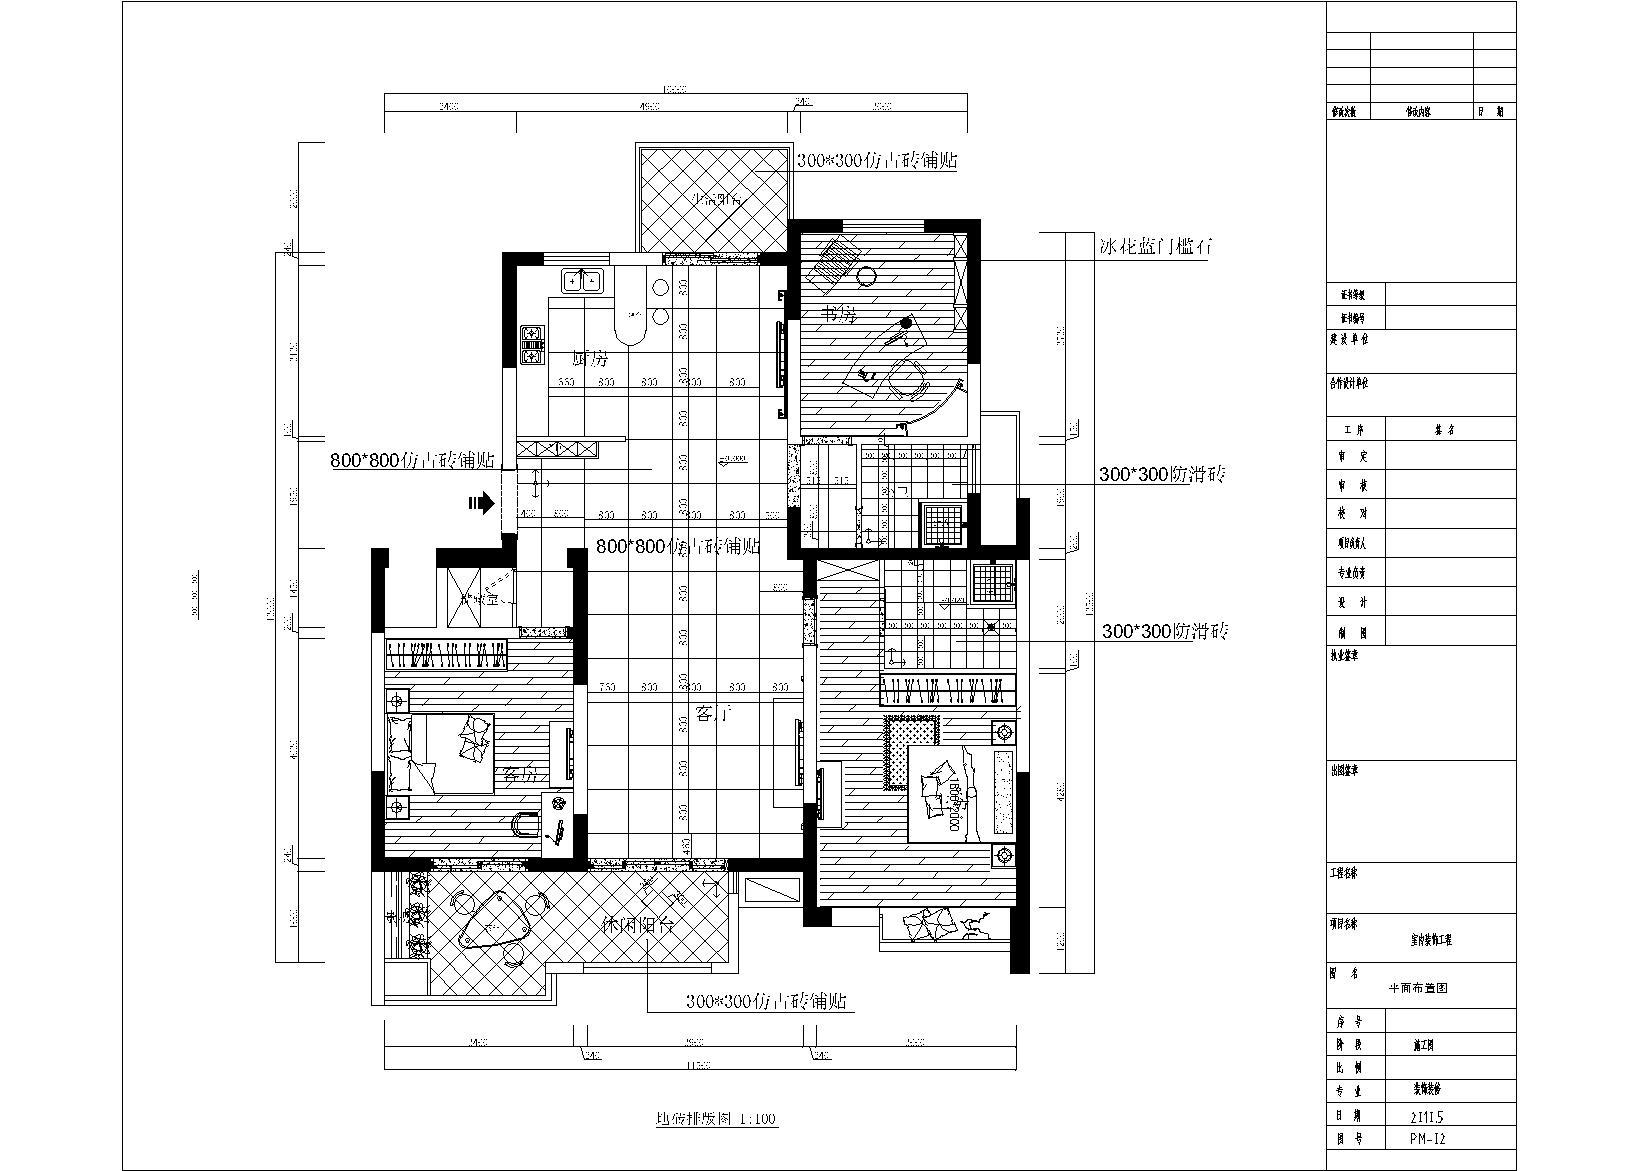 90平米三室两厅平面图-三室两厅设计图,120平米三室两厅平面图,90平方图片